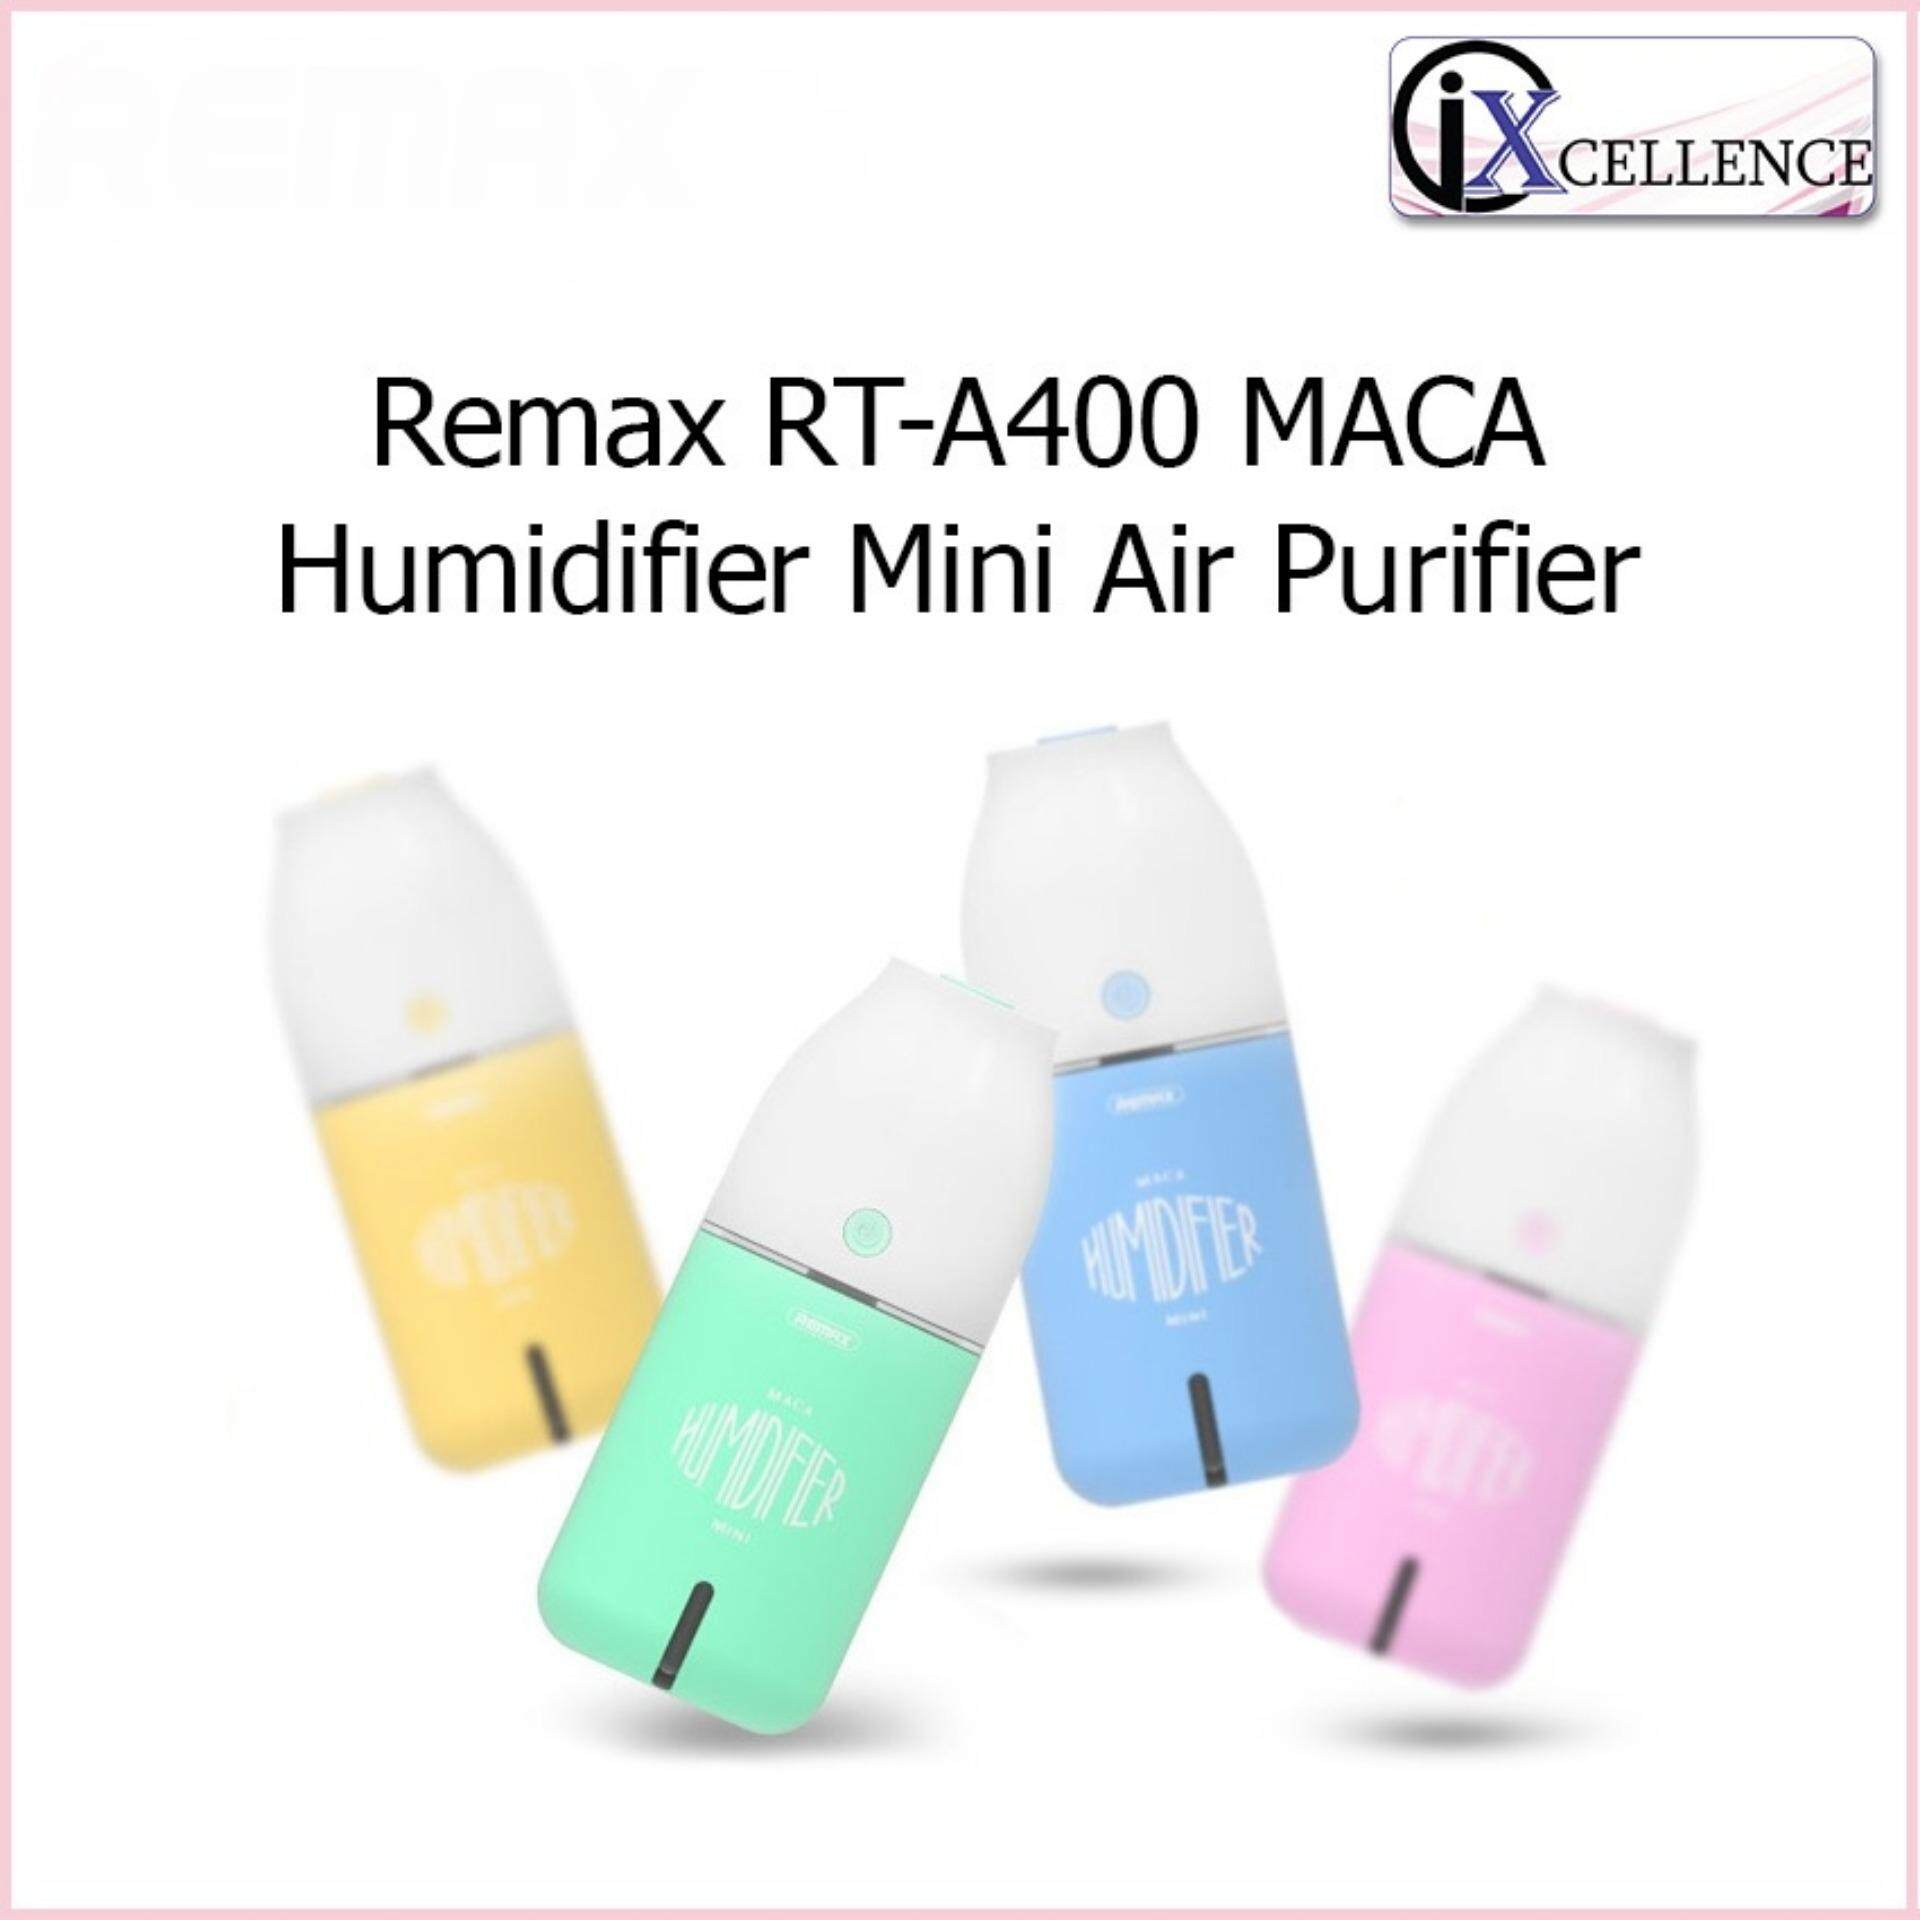 [IX] Remax RT-A400 MACA Humidifier MINI Air Purifier